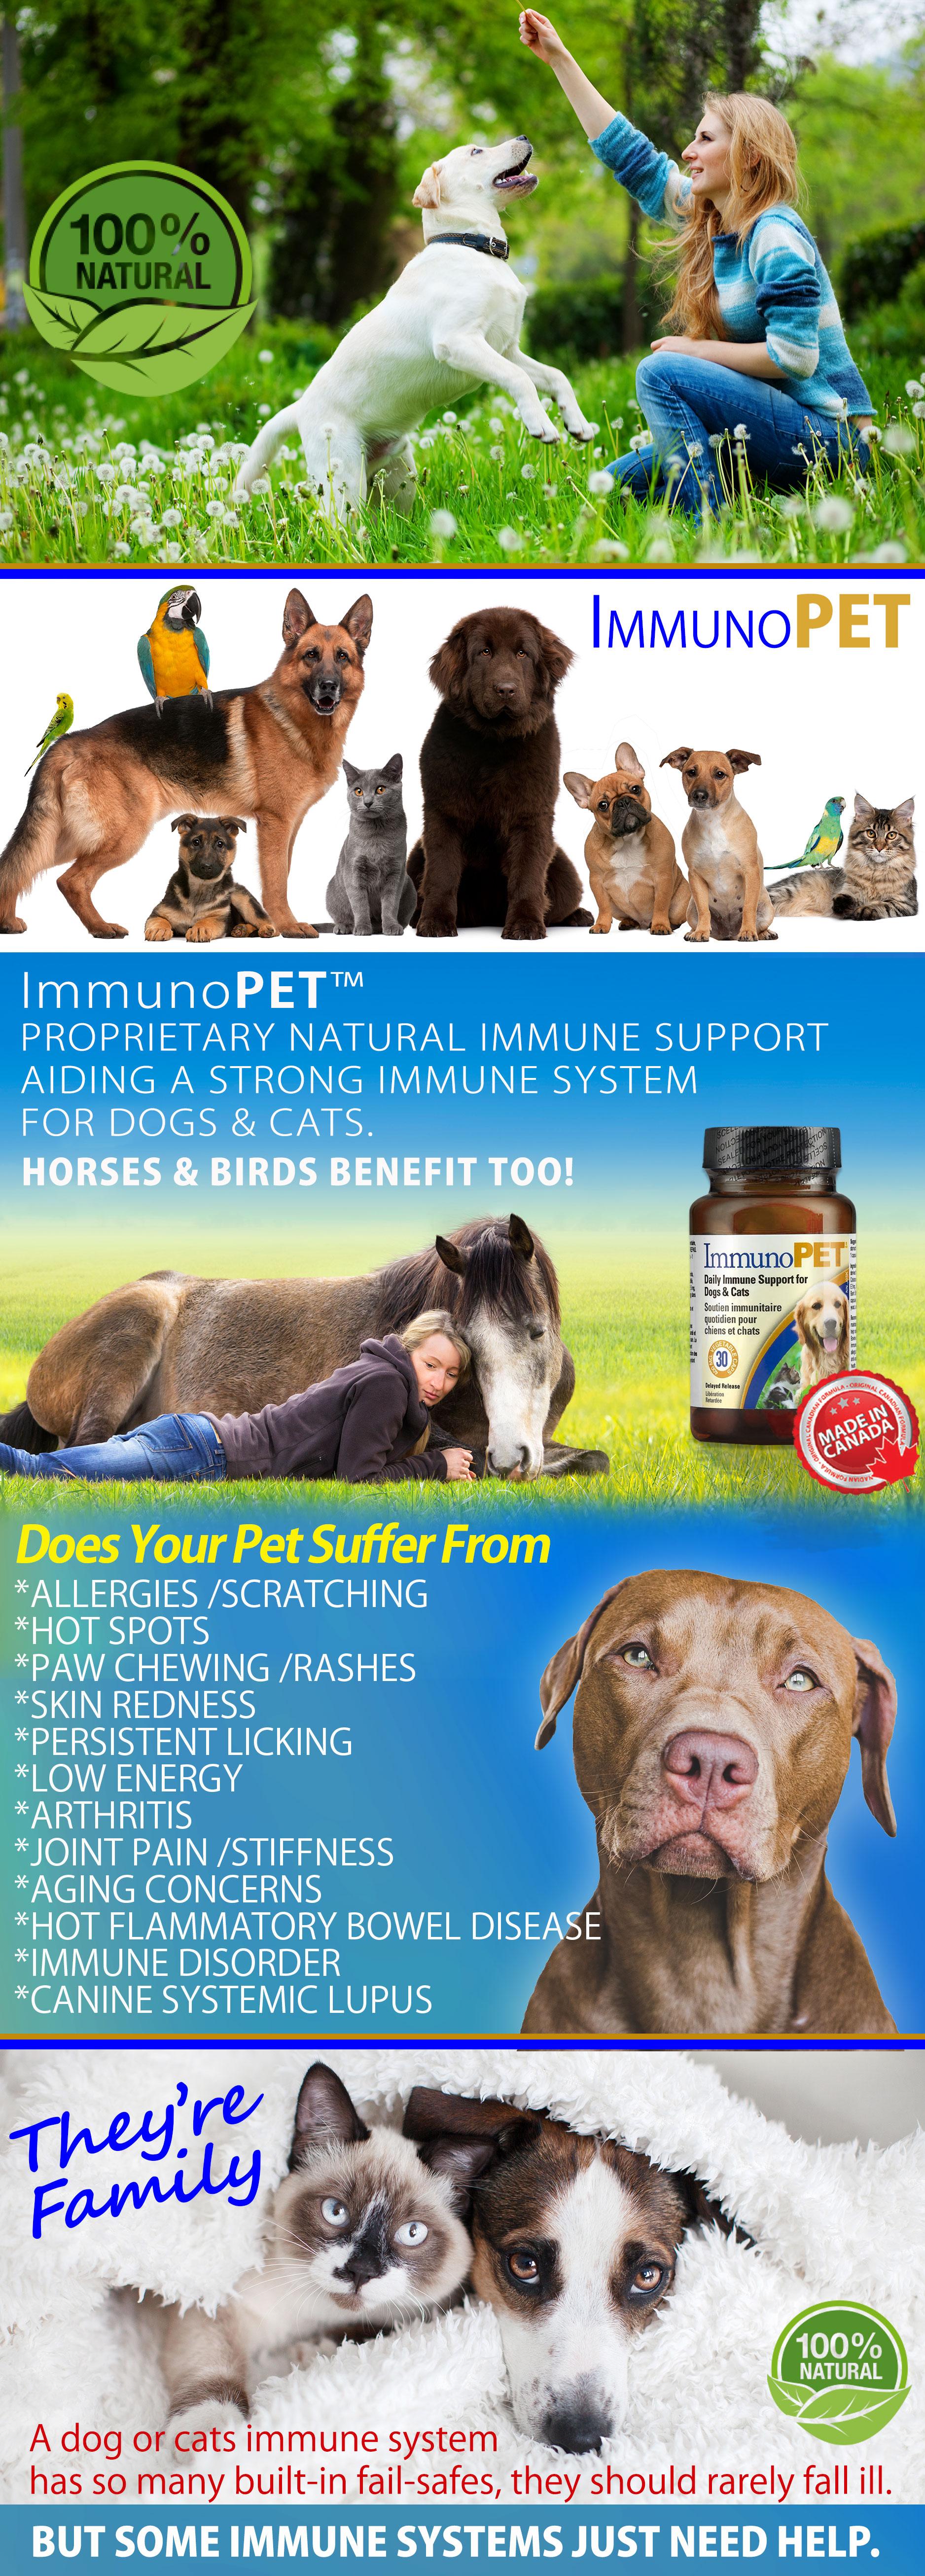 Immuno Pet